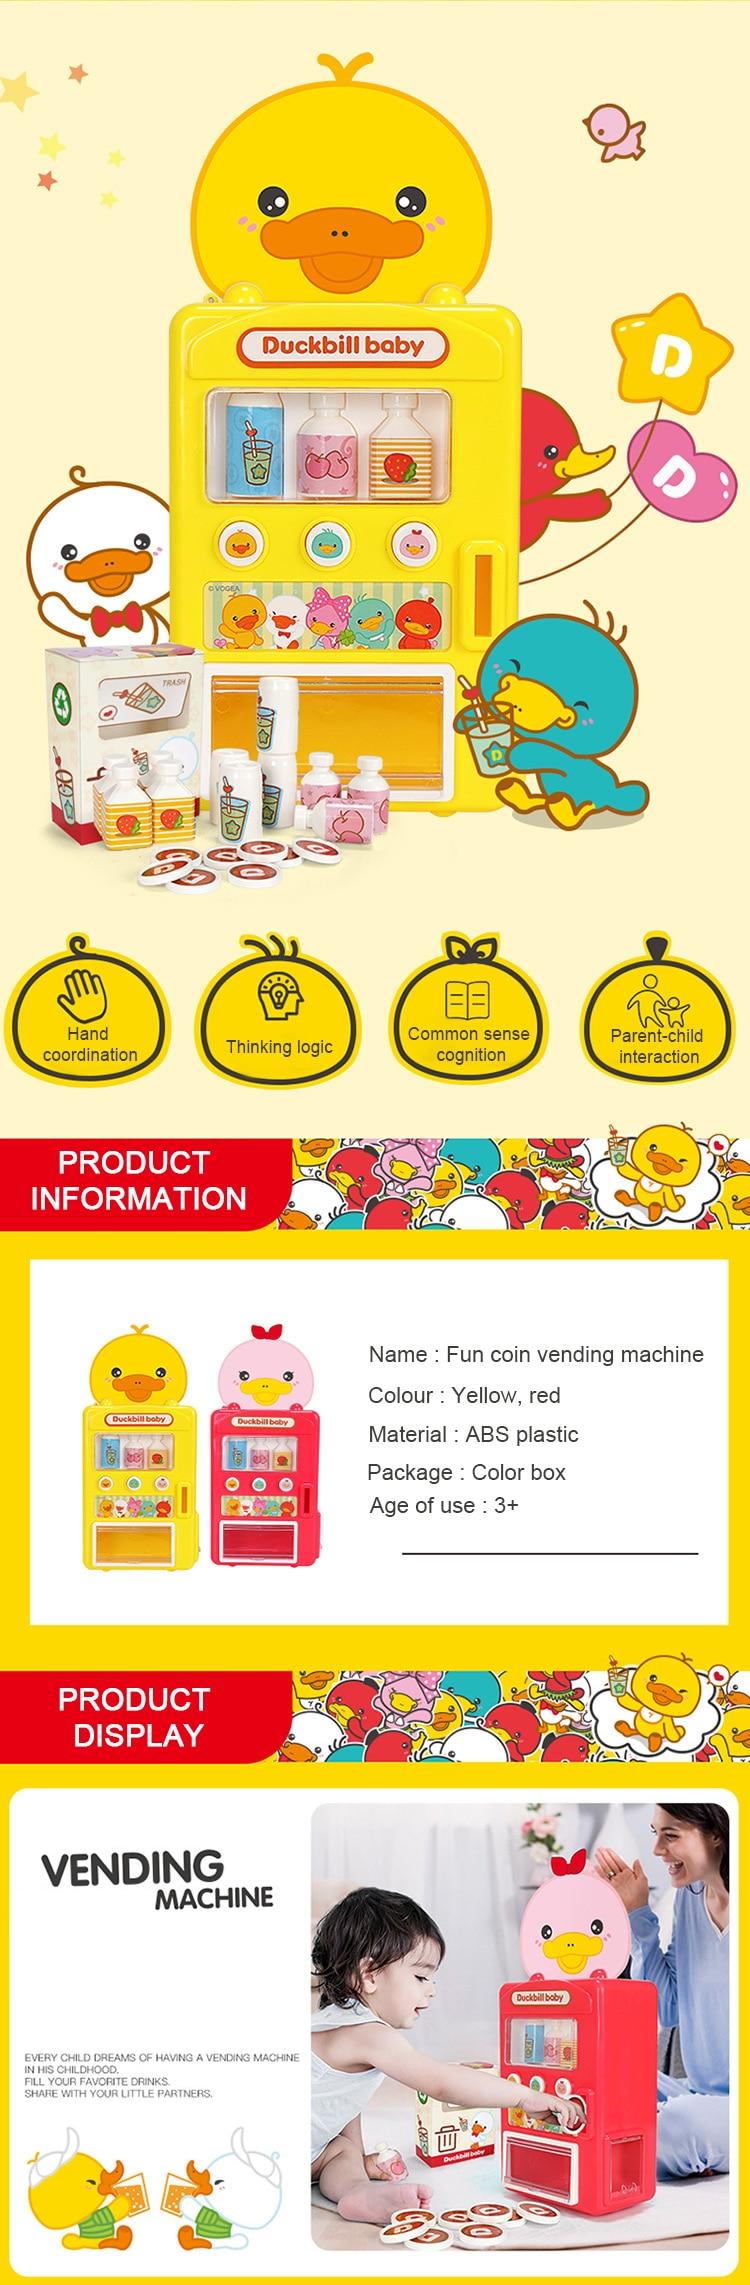 automática simulador casa de compras conjunto brinquedos